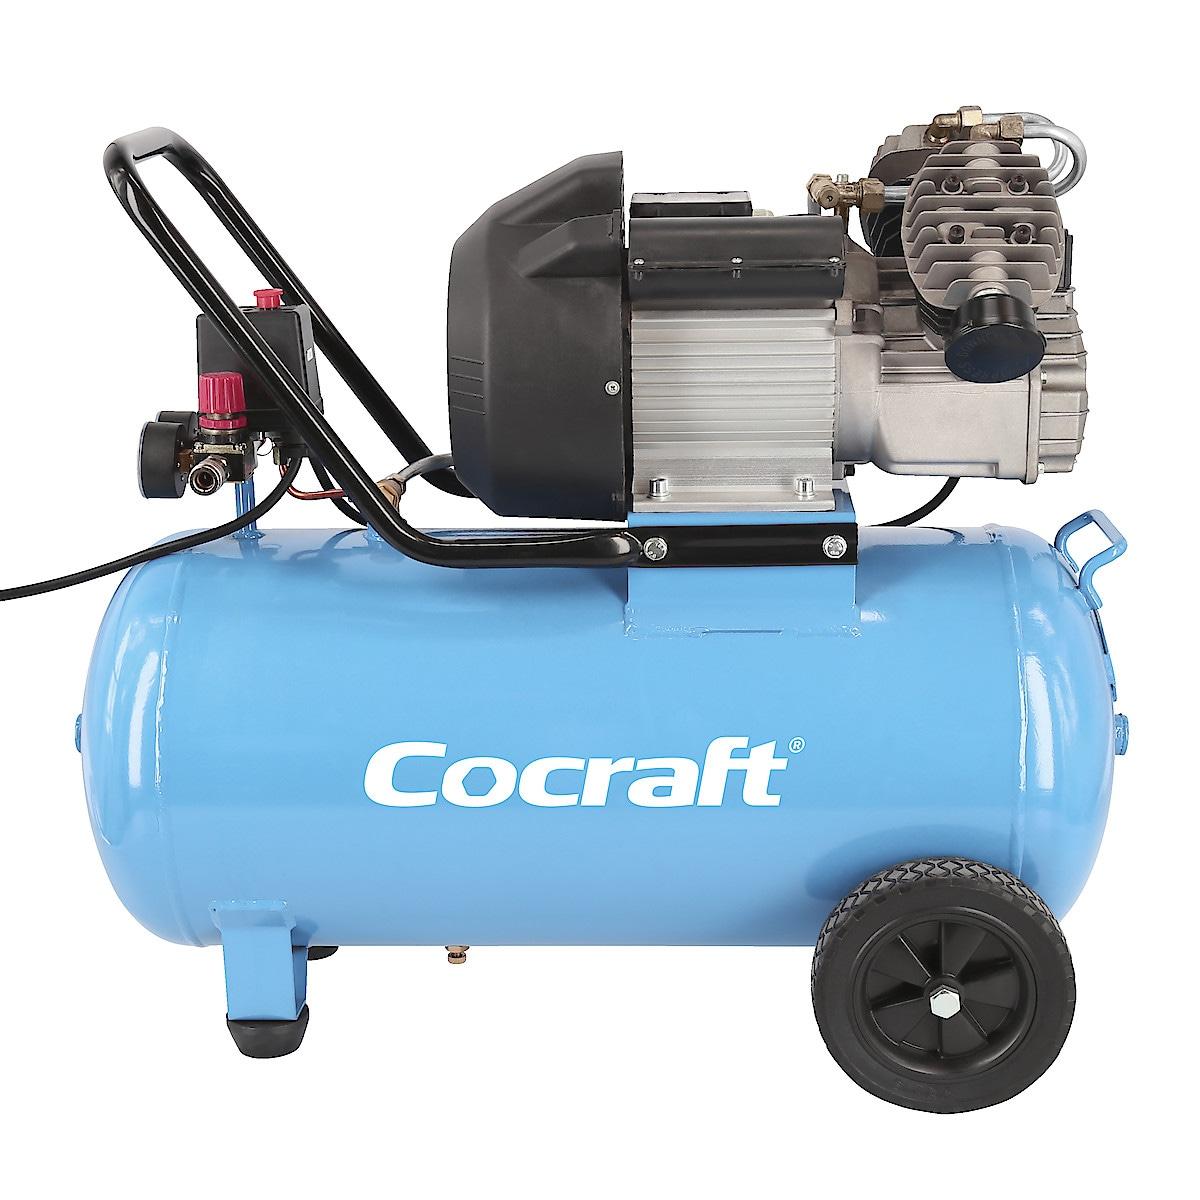 Cocraft HC 350-V trykkluftkompressor